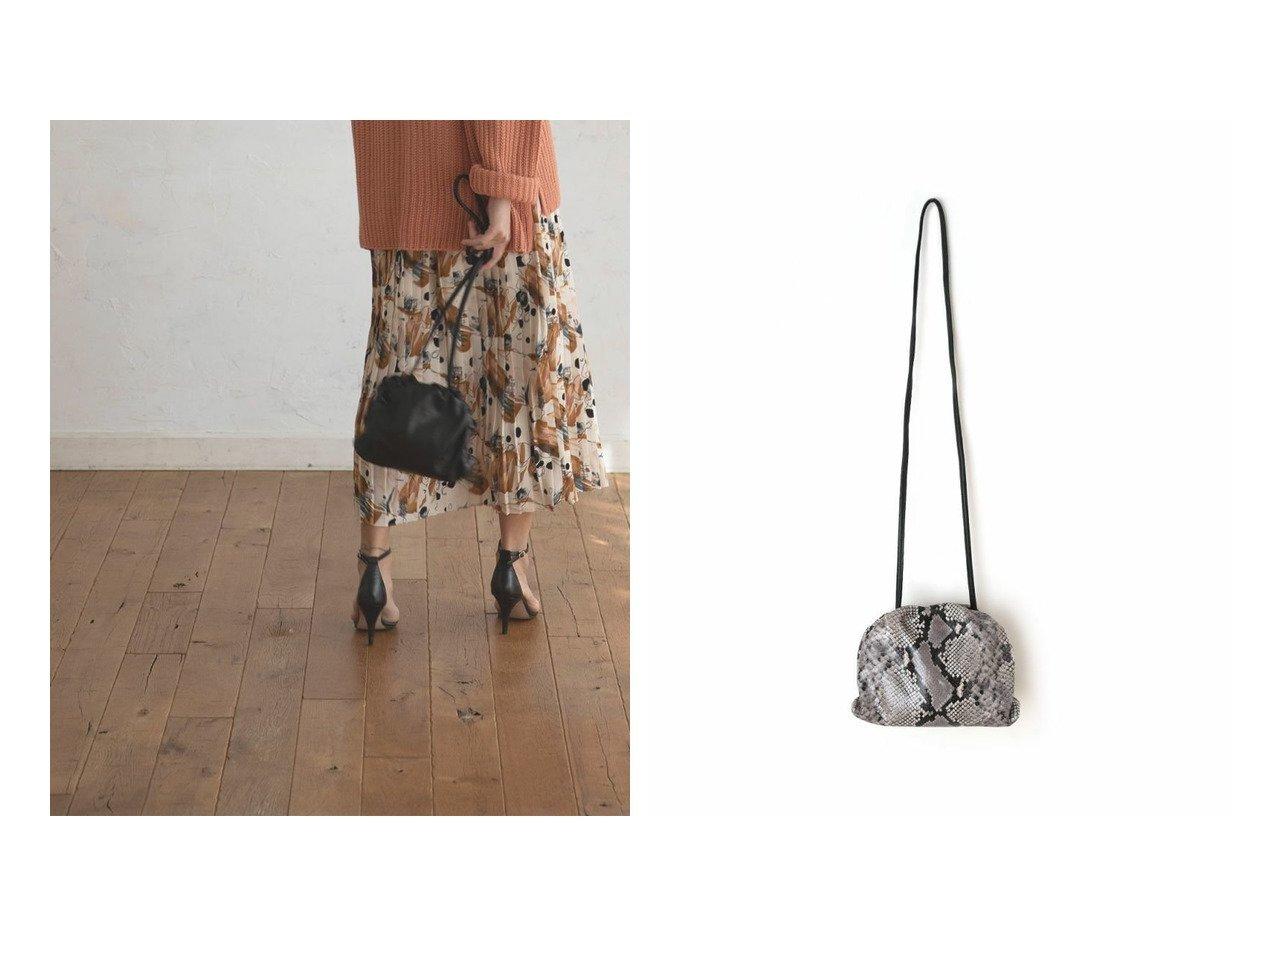 【marjour/マージュール】のマシュマロバッグパイソン MARSHMALLOW BAG(PYTHON)&マシュマロバッグ MARSHMALLOW BAG(BLACK) おすすめ!人気、トレンド・レディースファッションの通販  おすすめで人気の流行・トレンド、ファッションの通販商品 メンズファッション・キッズファッション・インテリア・家具・レディースファッション・服の通販 founy(ファニー) https://founy.com/ ファッション Fashion レディースファッション WOMEN クラッチ パイソン リアル |ID:crp329100000029020